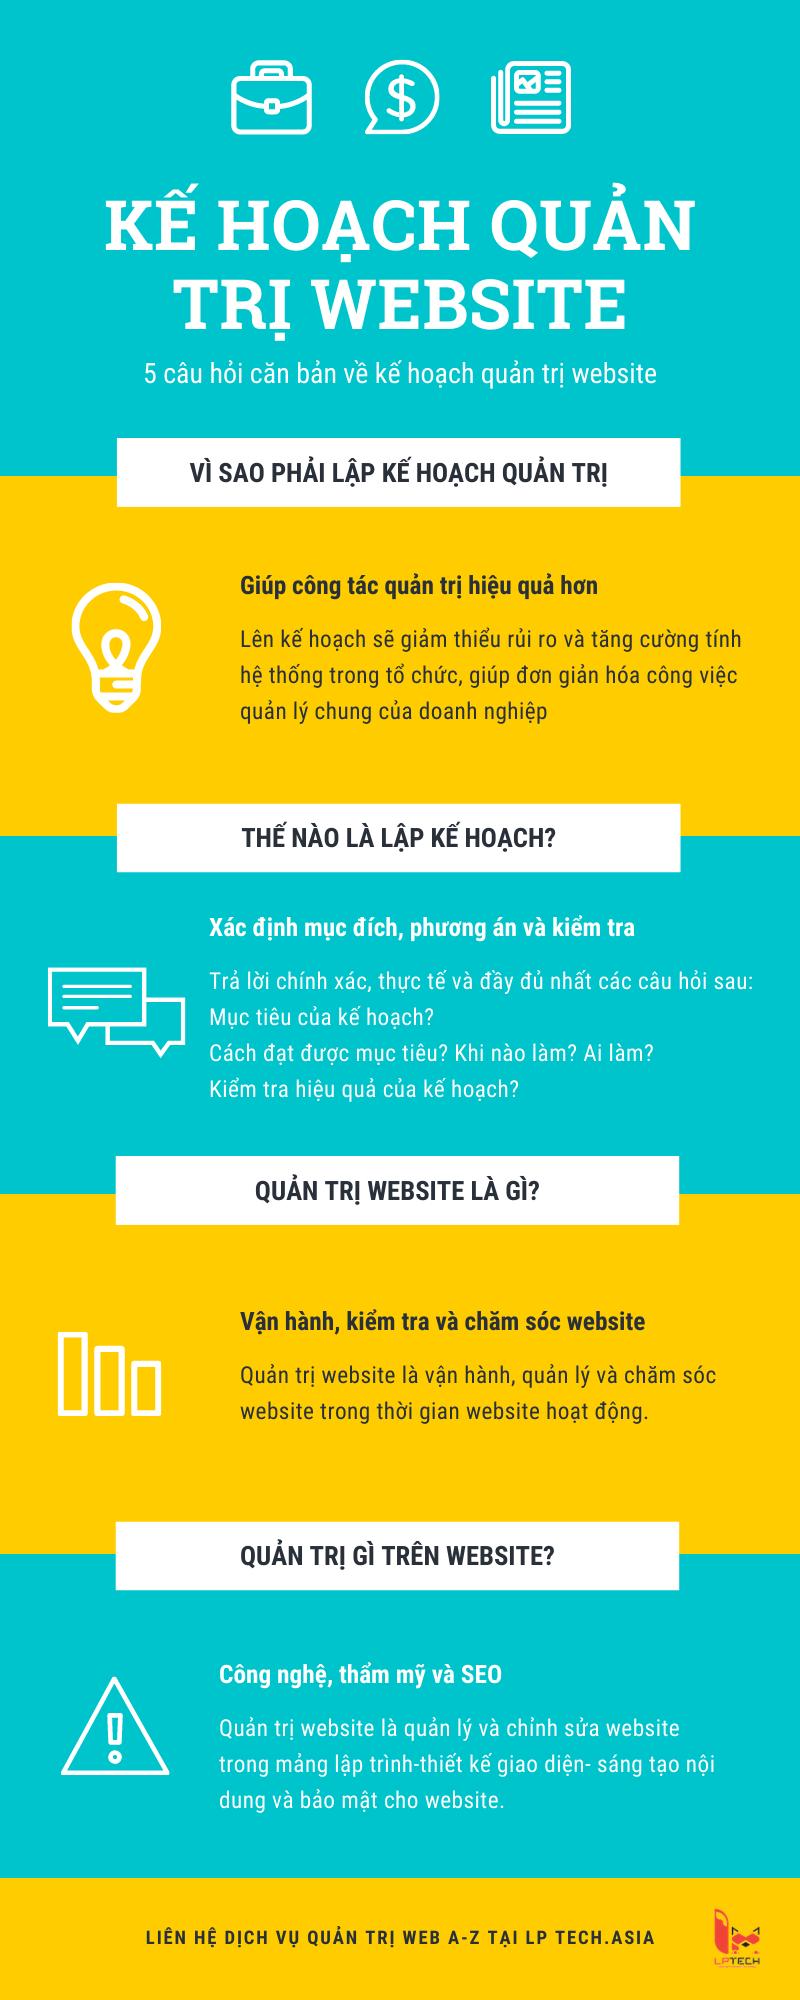 Những điều cần biết trước khi lập kế hoạch quản trị website